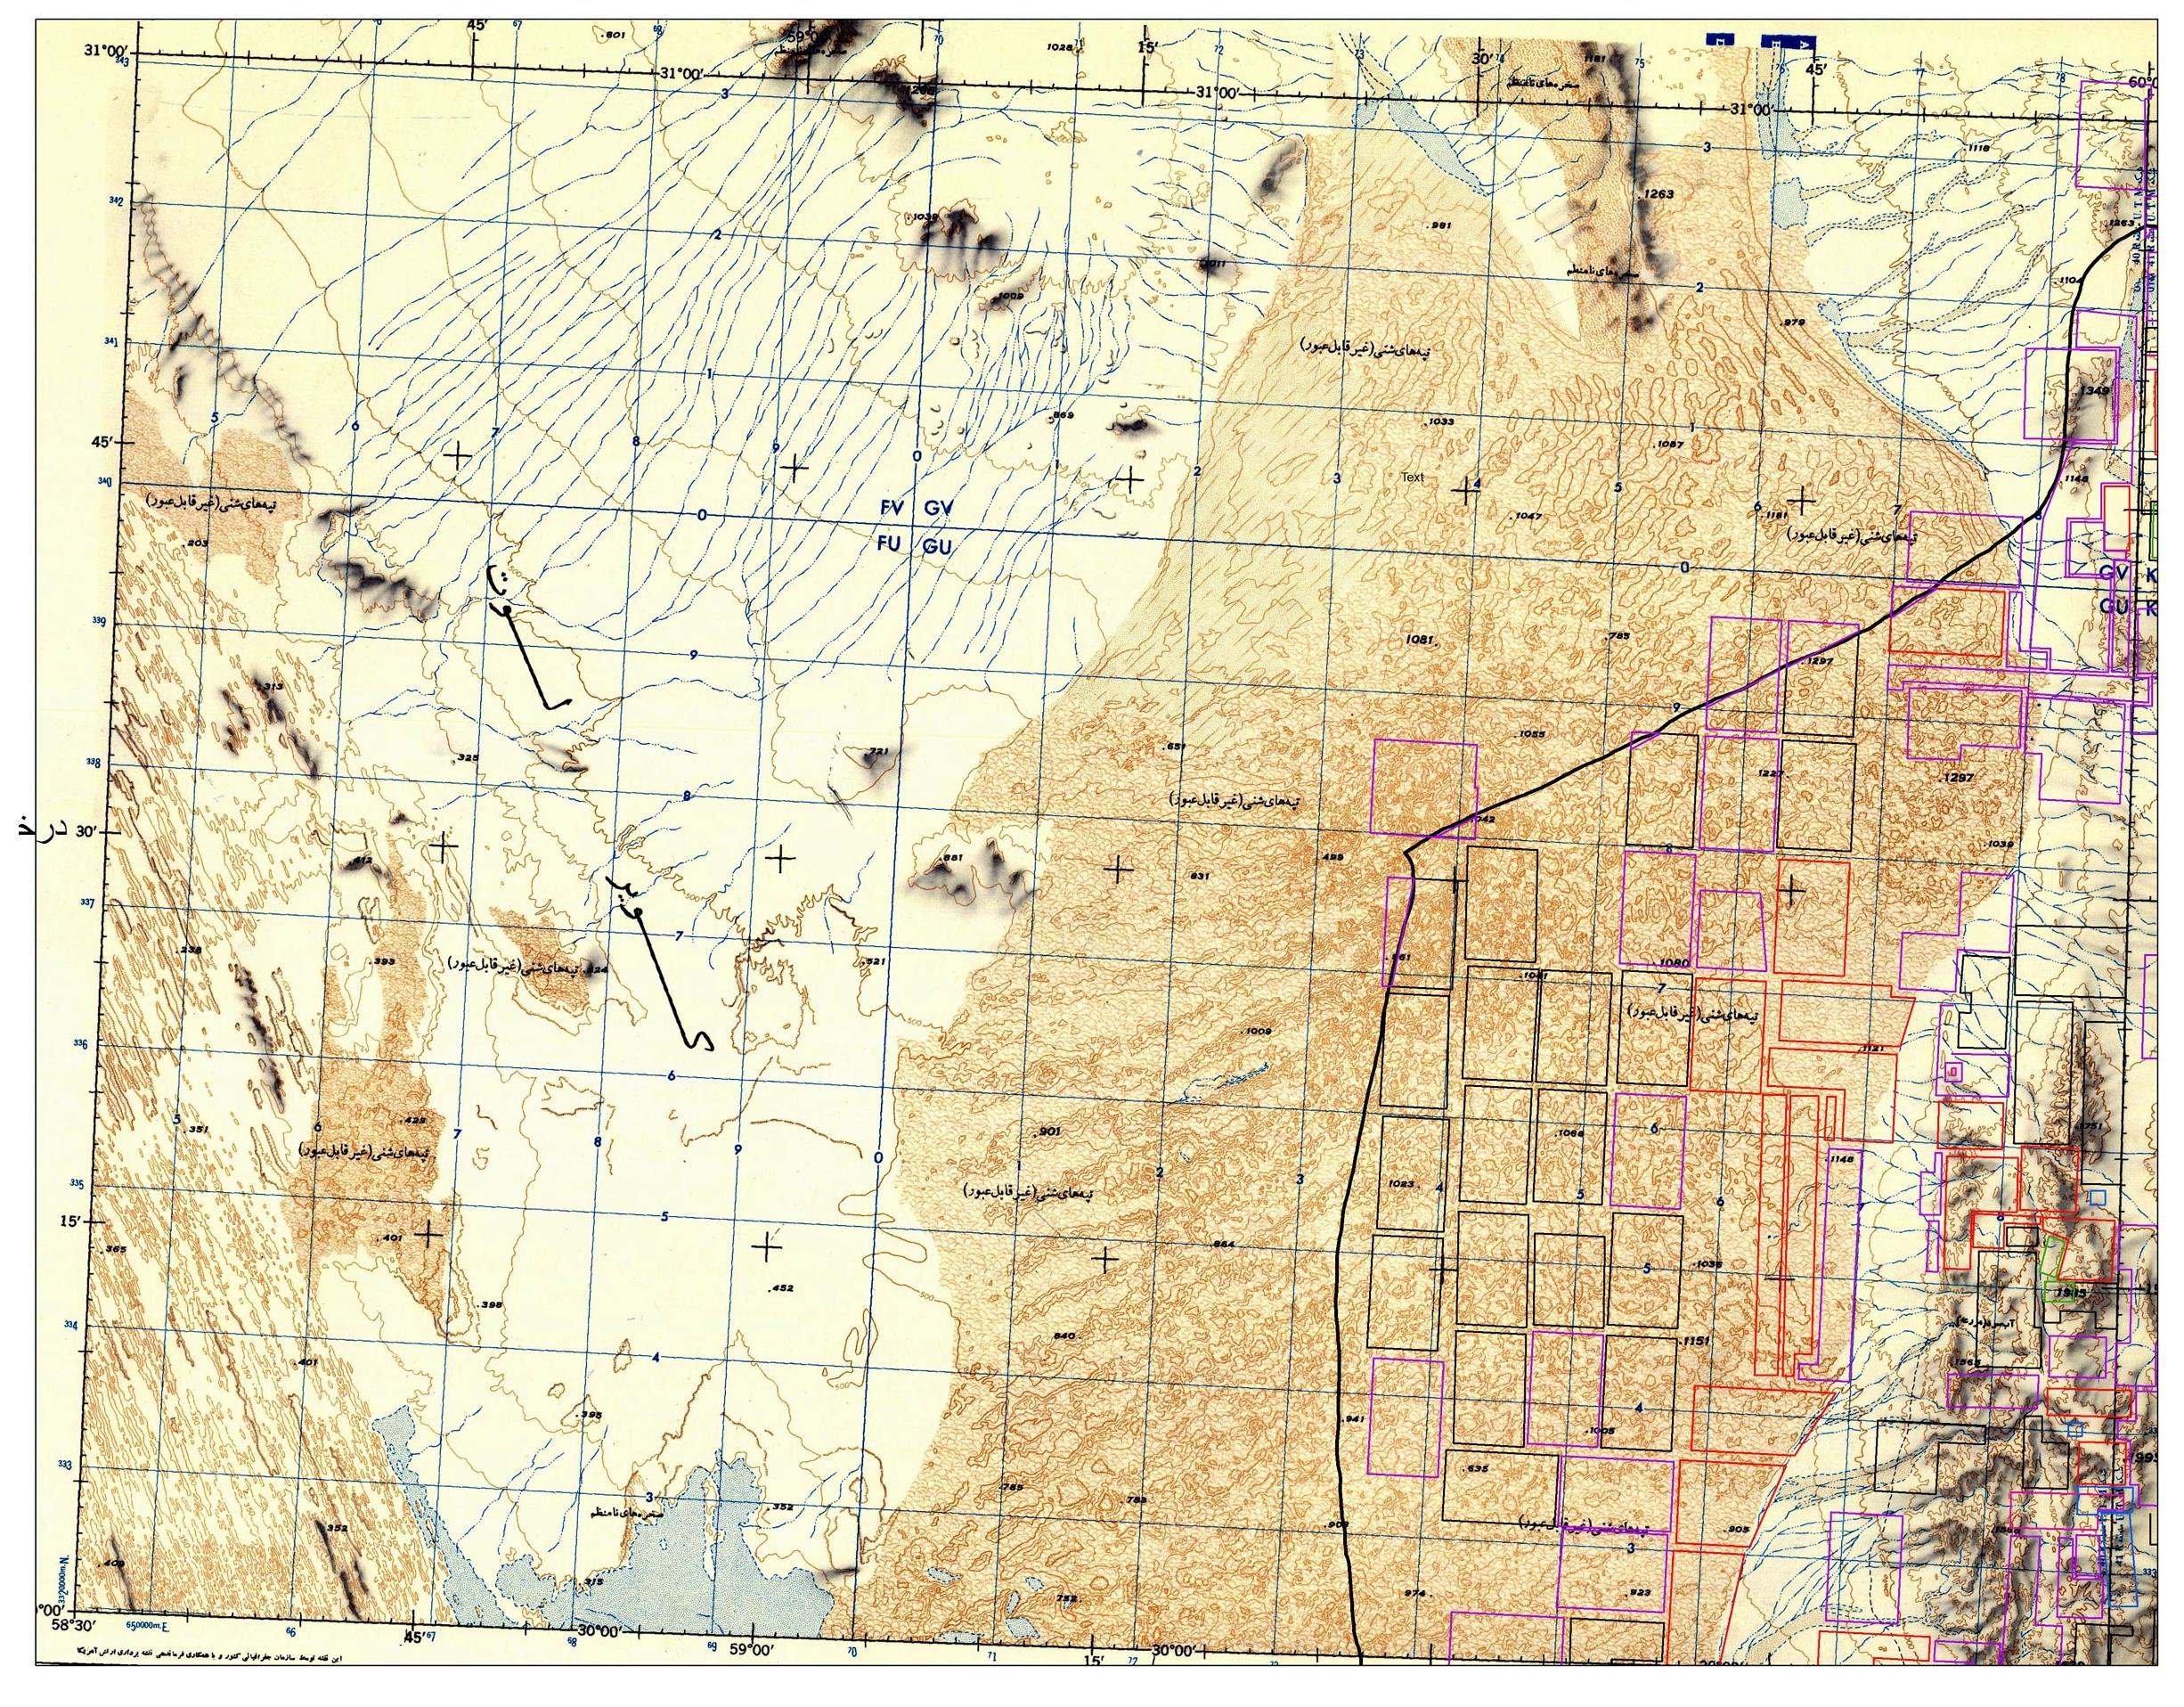 60 محدوده اکتشافی تا پایان سال از سوی سازمان زمین شناسی و اکتشافات معدنی آزادسازی و واگذار می شود